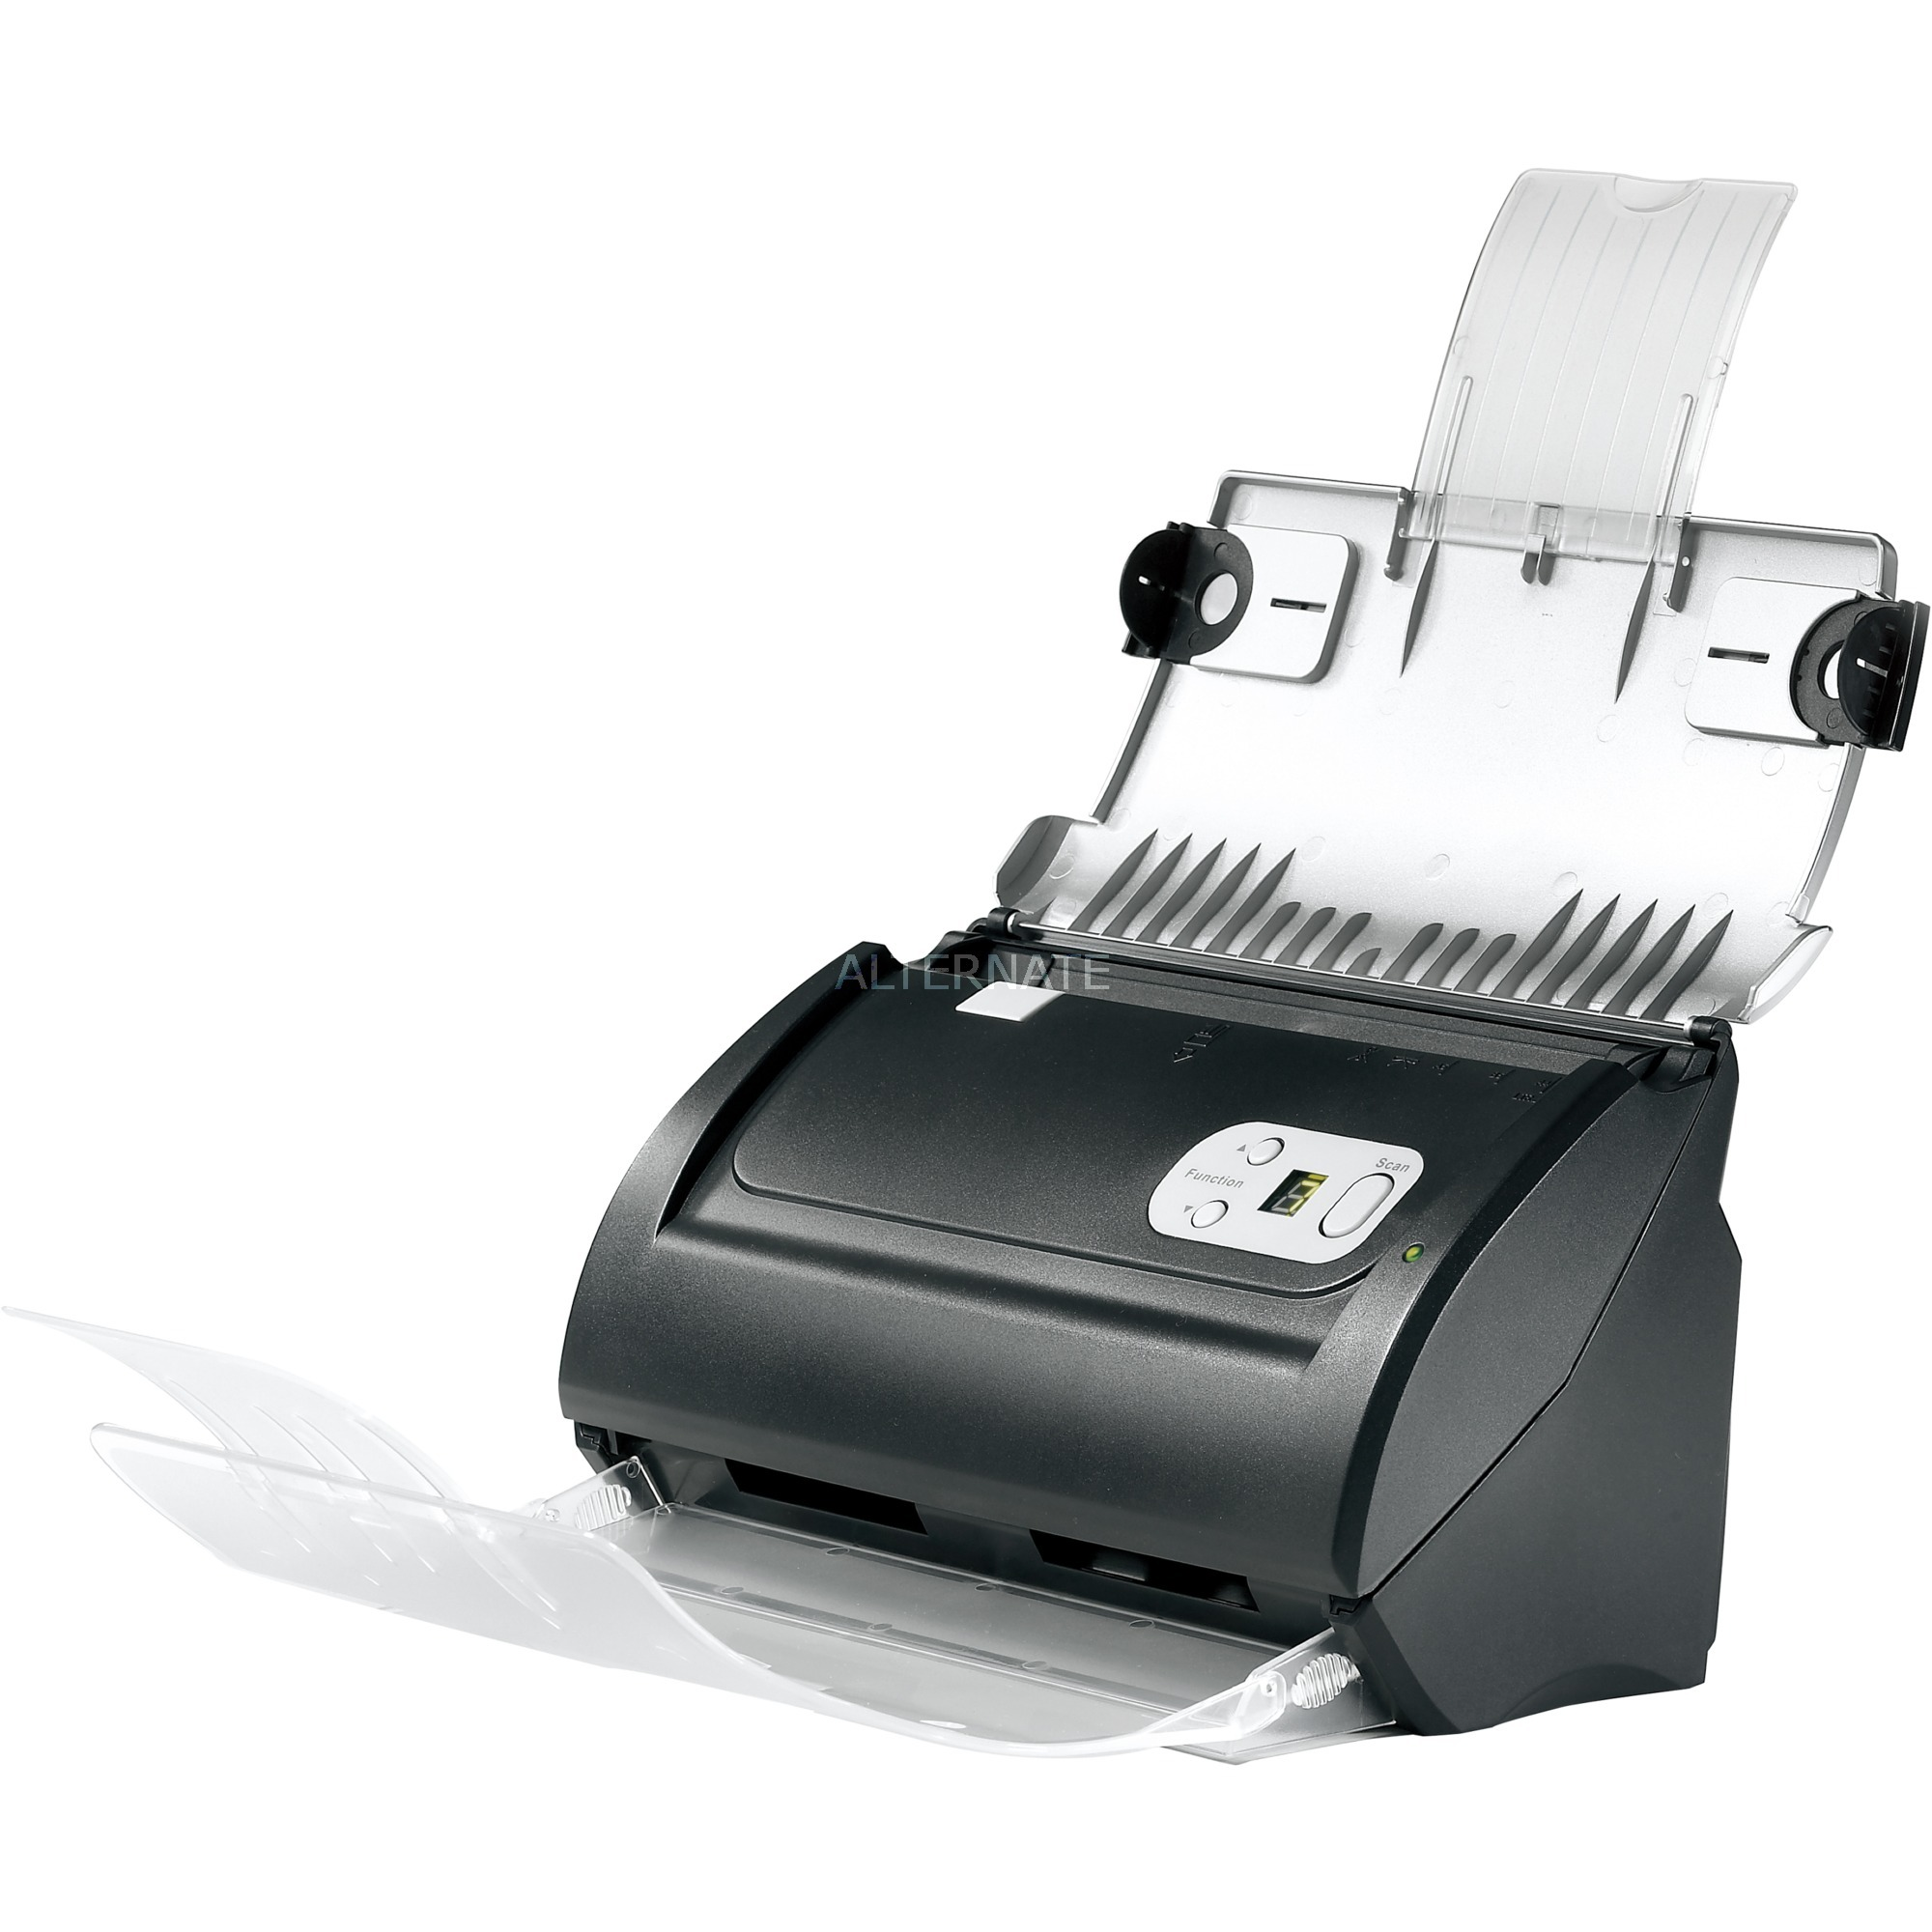 SmartOffice PS186 escaner 600 x 600 DPI Escáner con alimentador automático de documentos (ADF) Negro, Plata A4, Escáner de alimentación de hojas